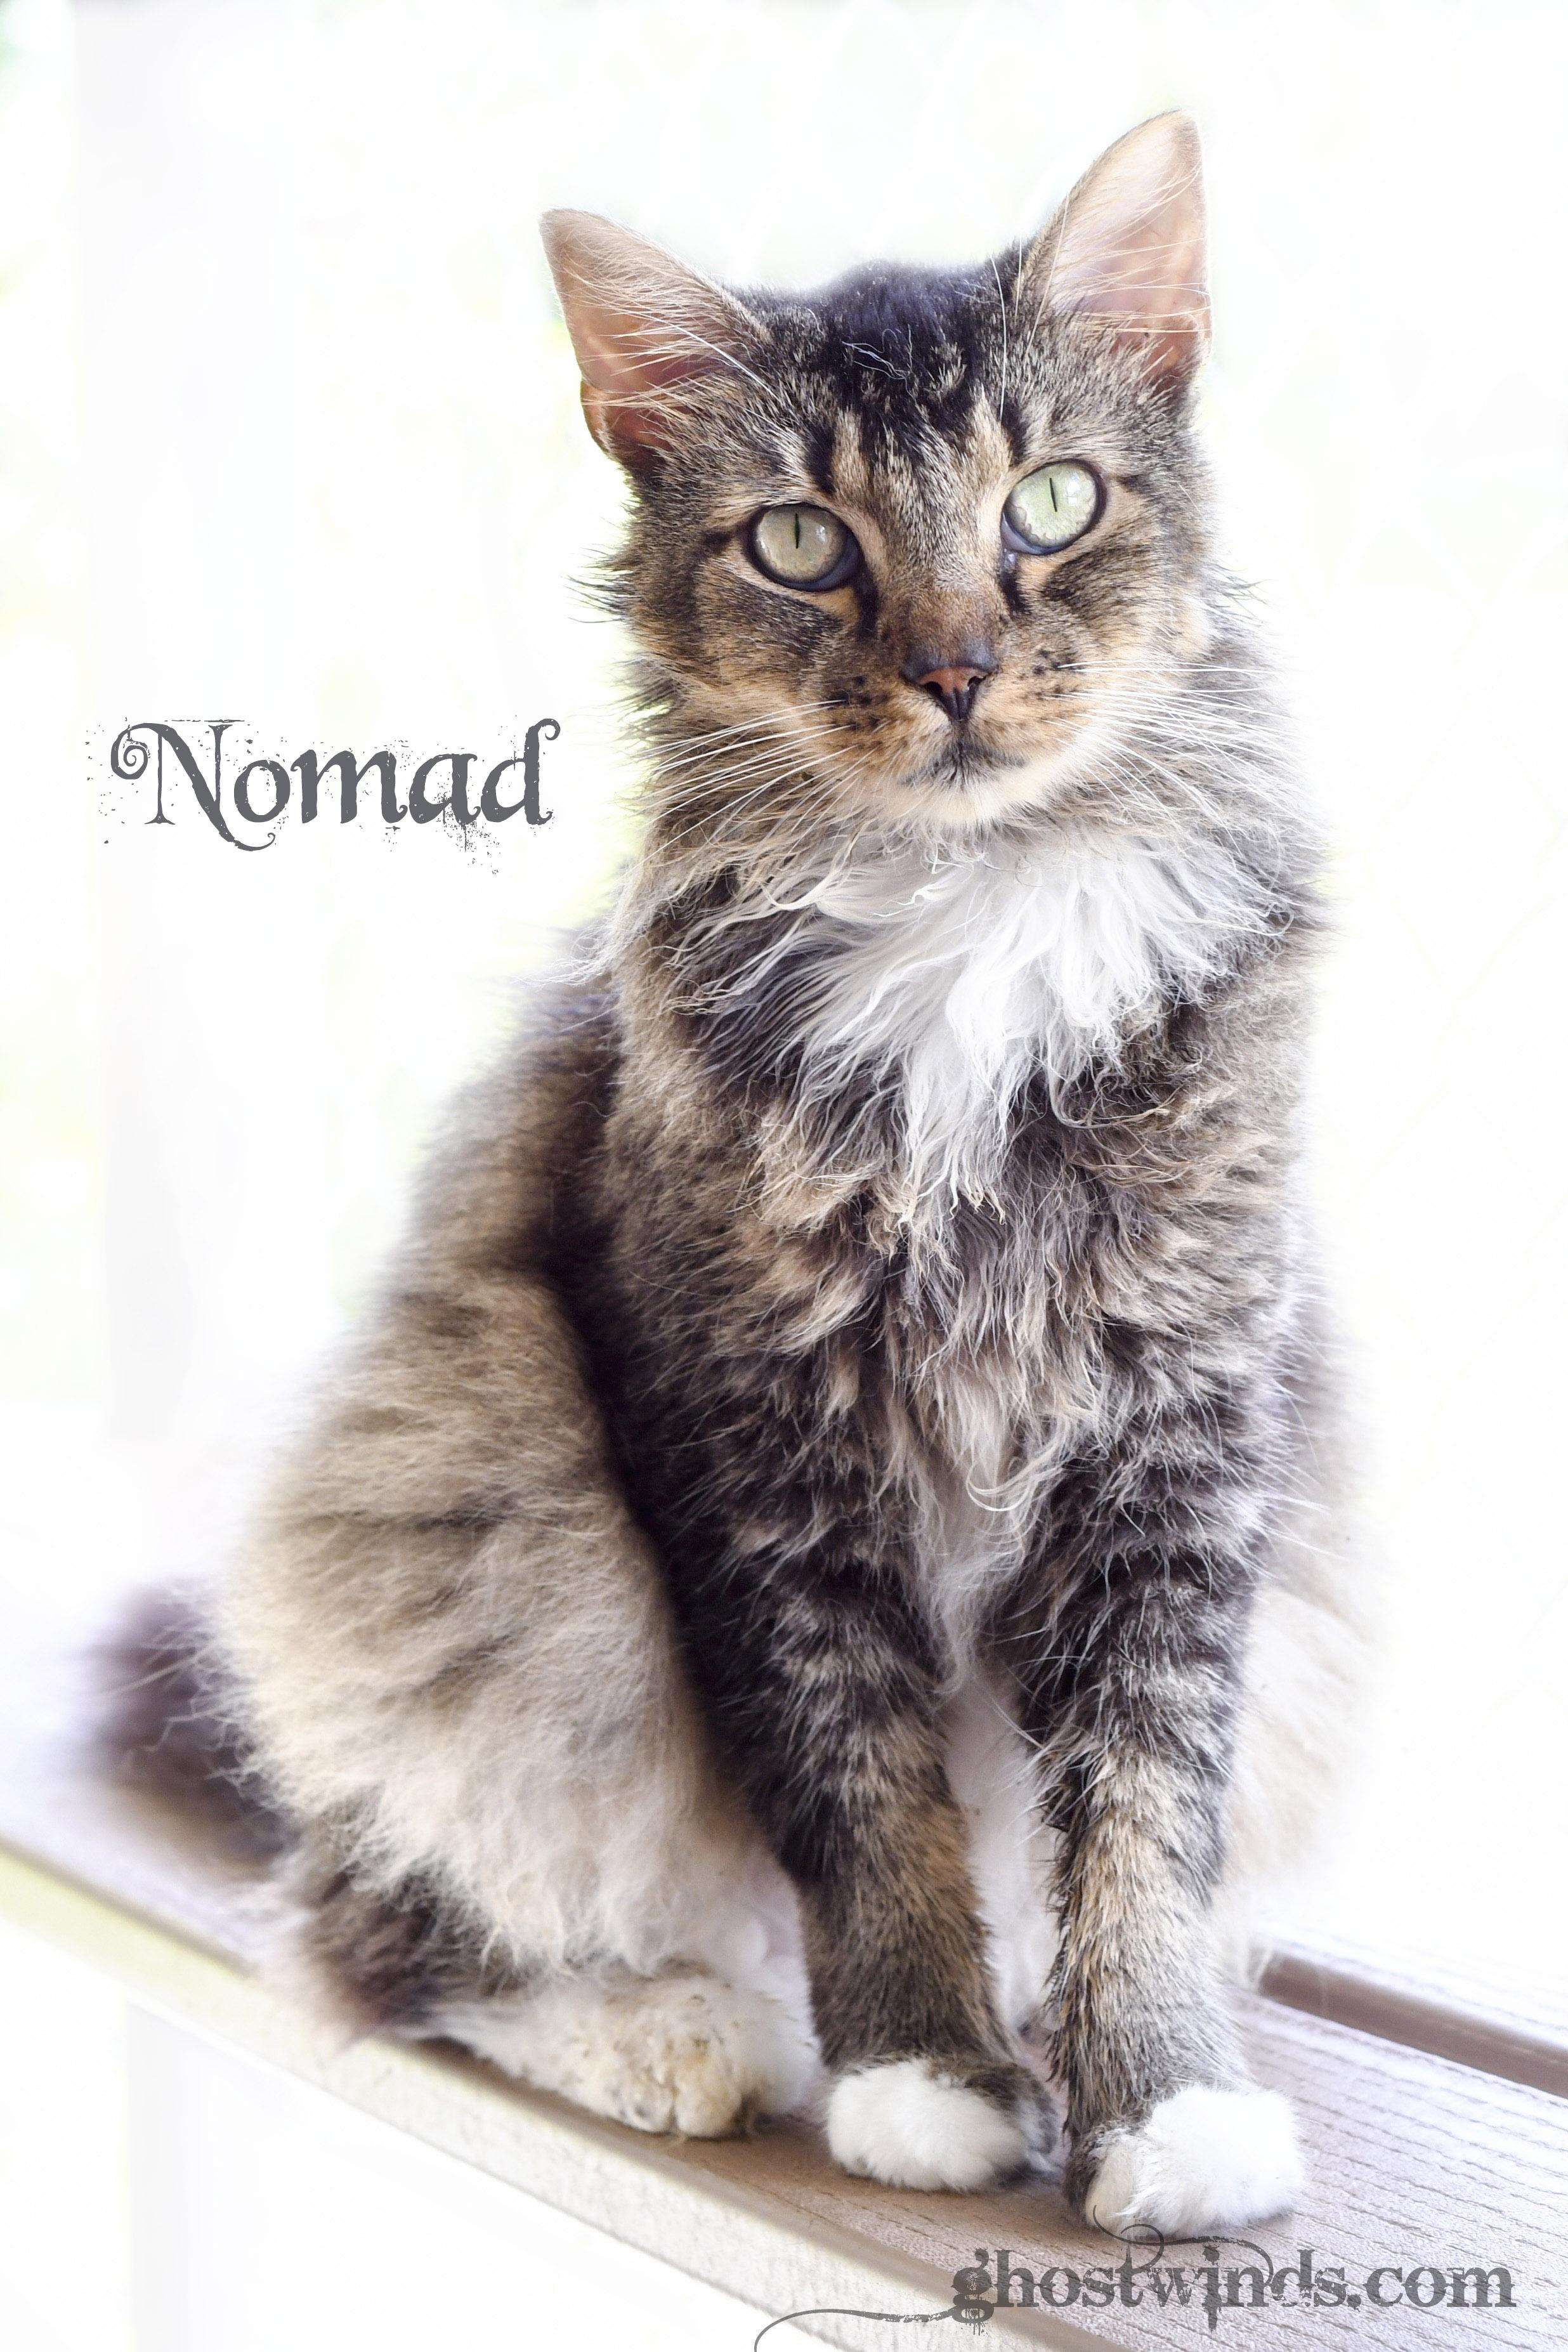 NomadDSC_3481